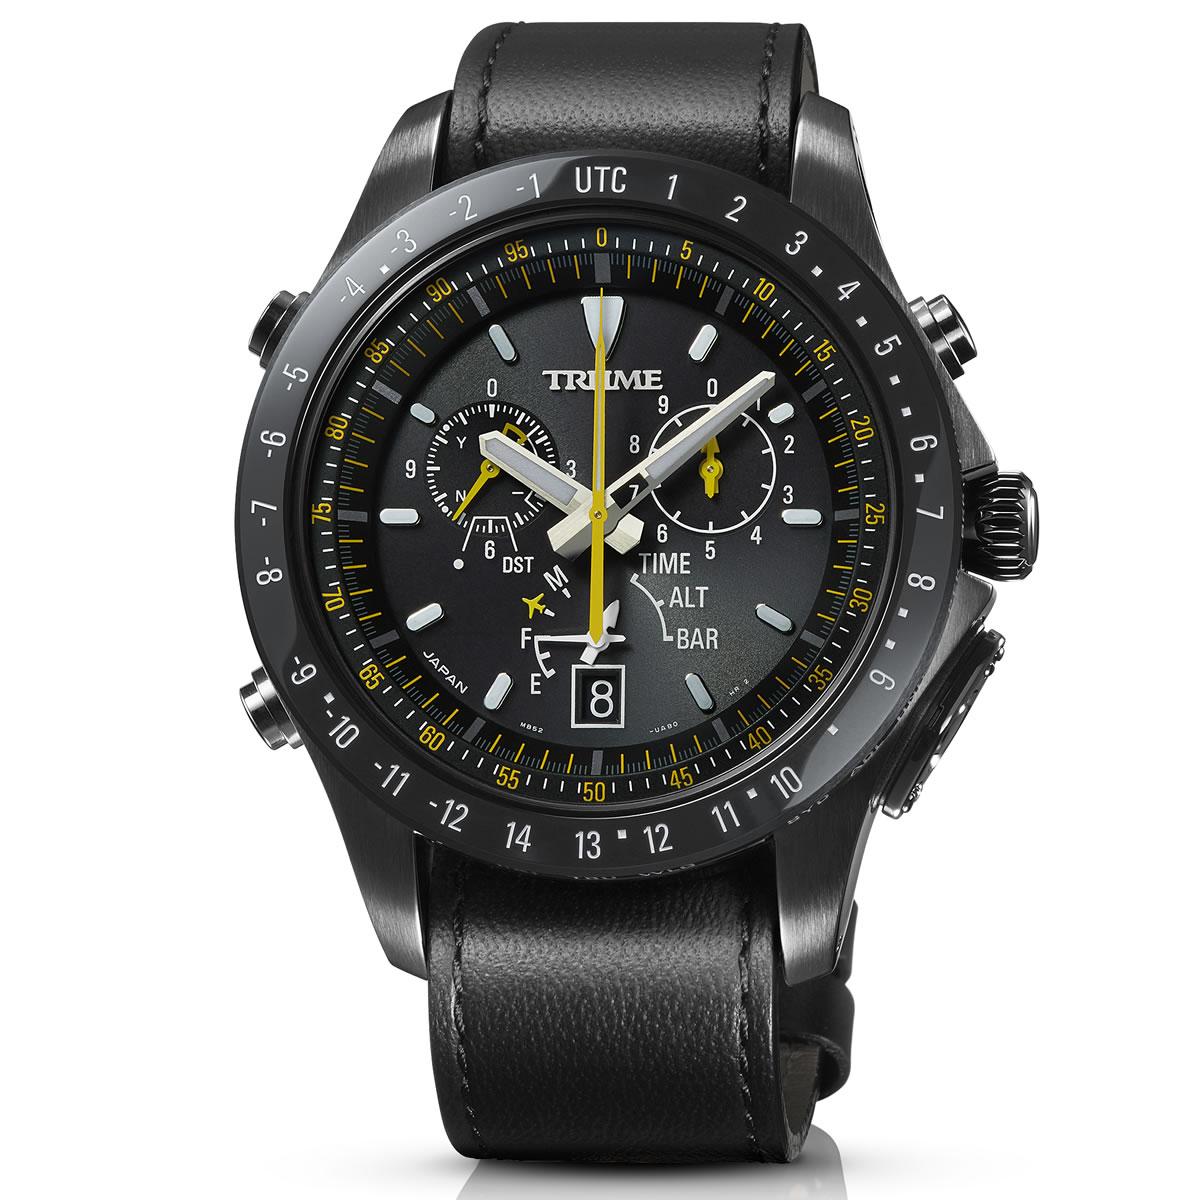 エプソン トゥルーム EPSON TRUME ライトチャージ GPS衛星電波時計 腕時計 メンズ S Collection Airline Pilot TR-MB5008X